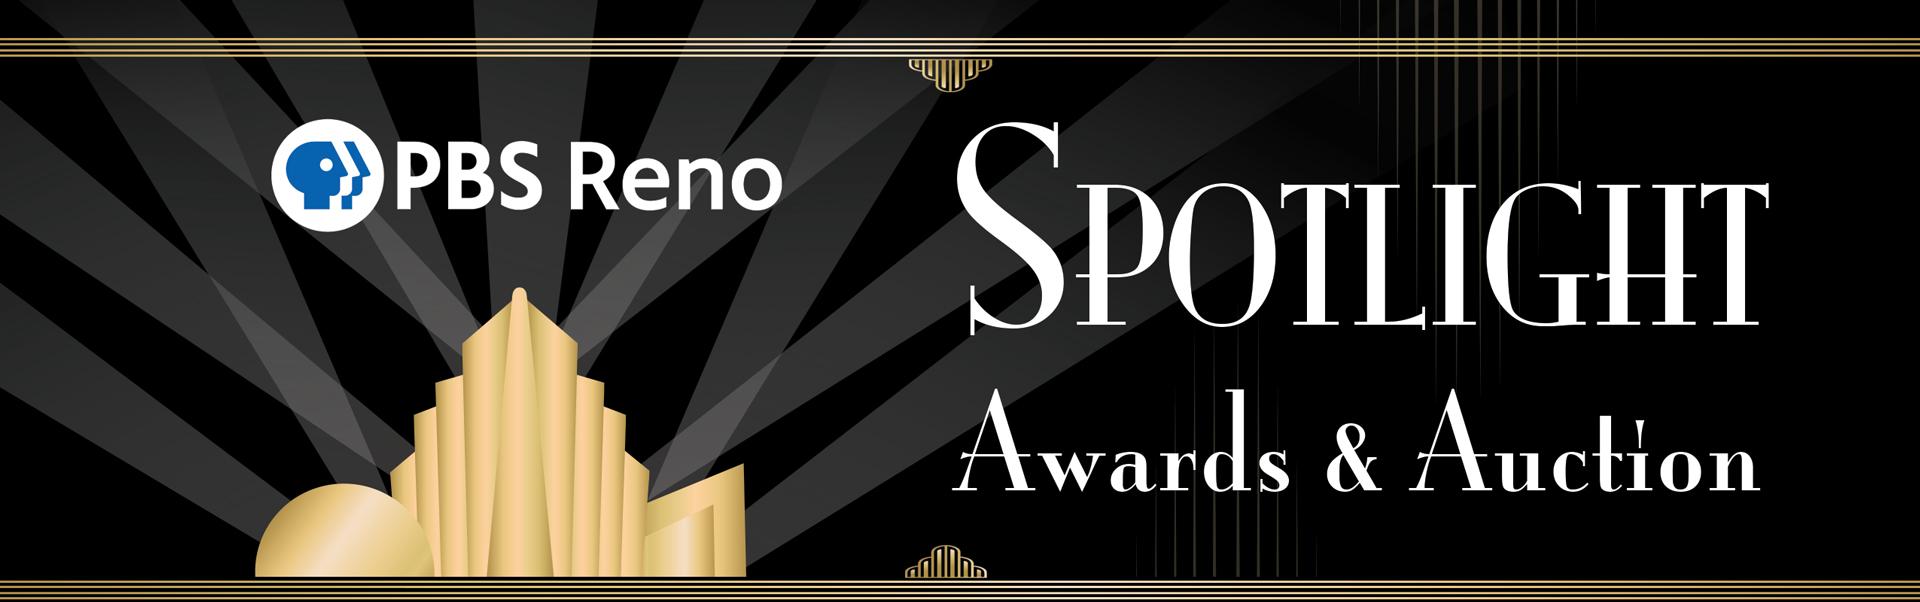 PBS Reno Spotlight Awards & Auction